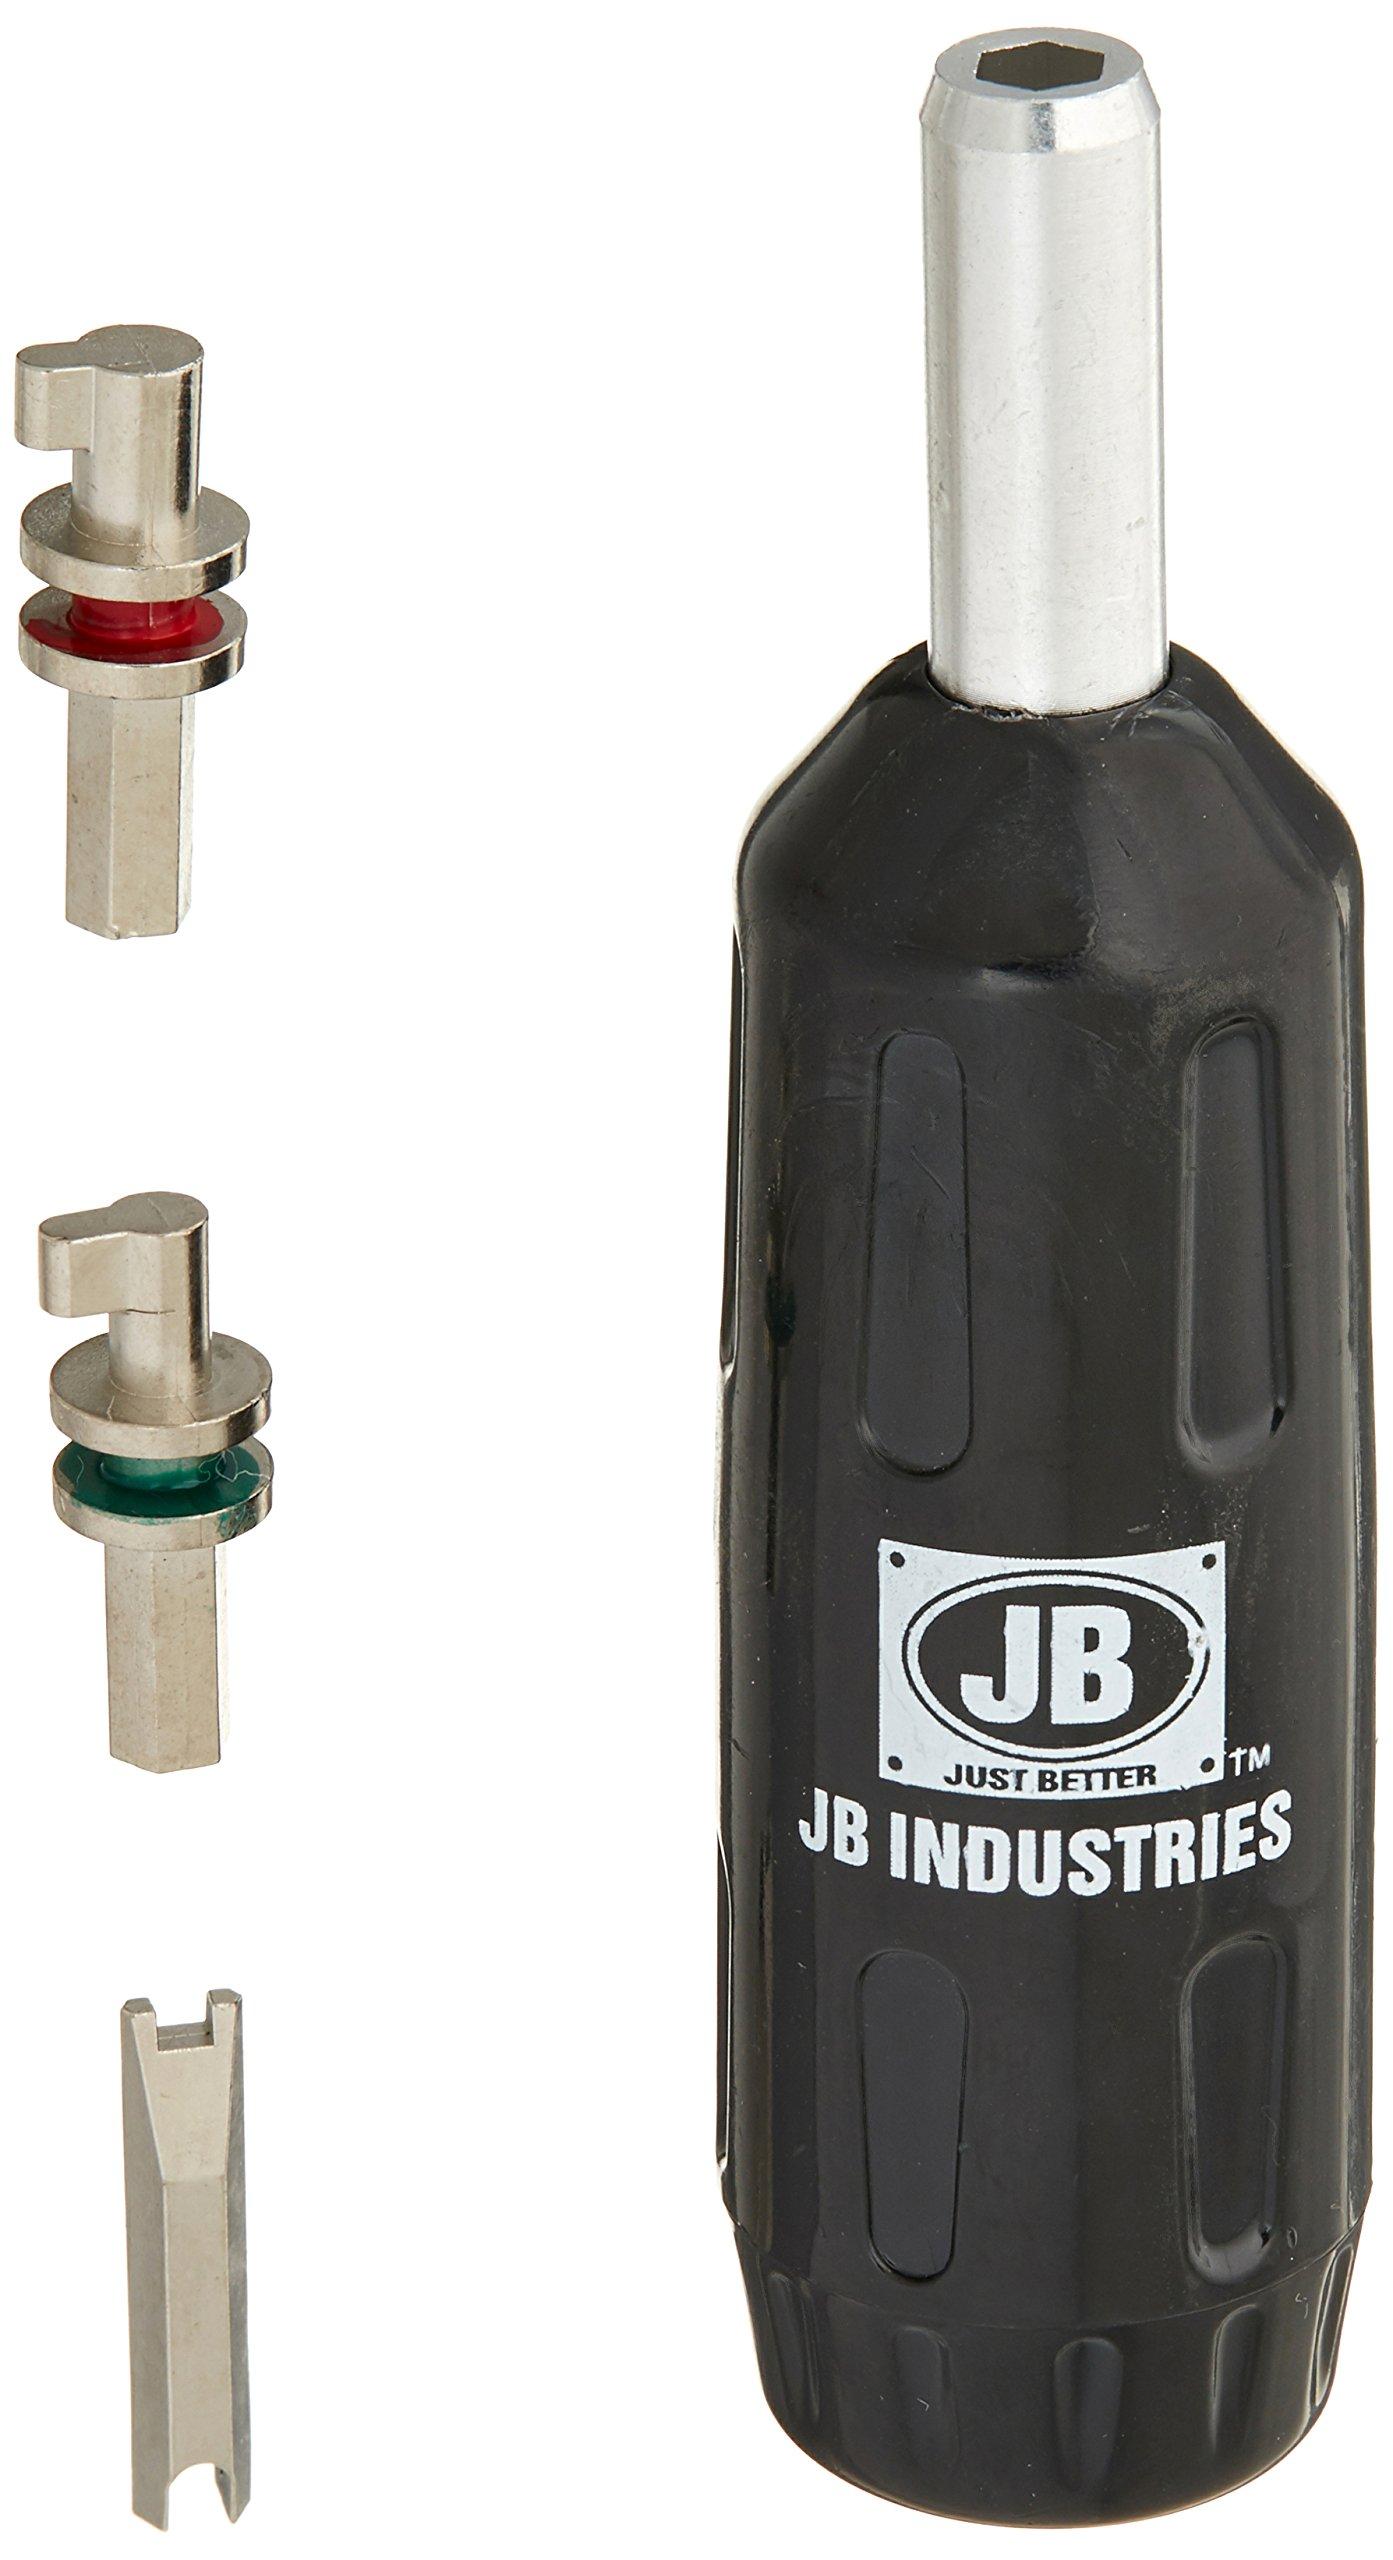 JB Industries SHLD-Multi Shield Locking Caps Multi-Key Tool by JB Industries